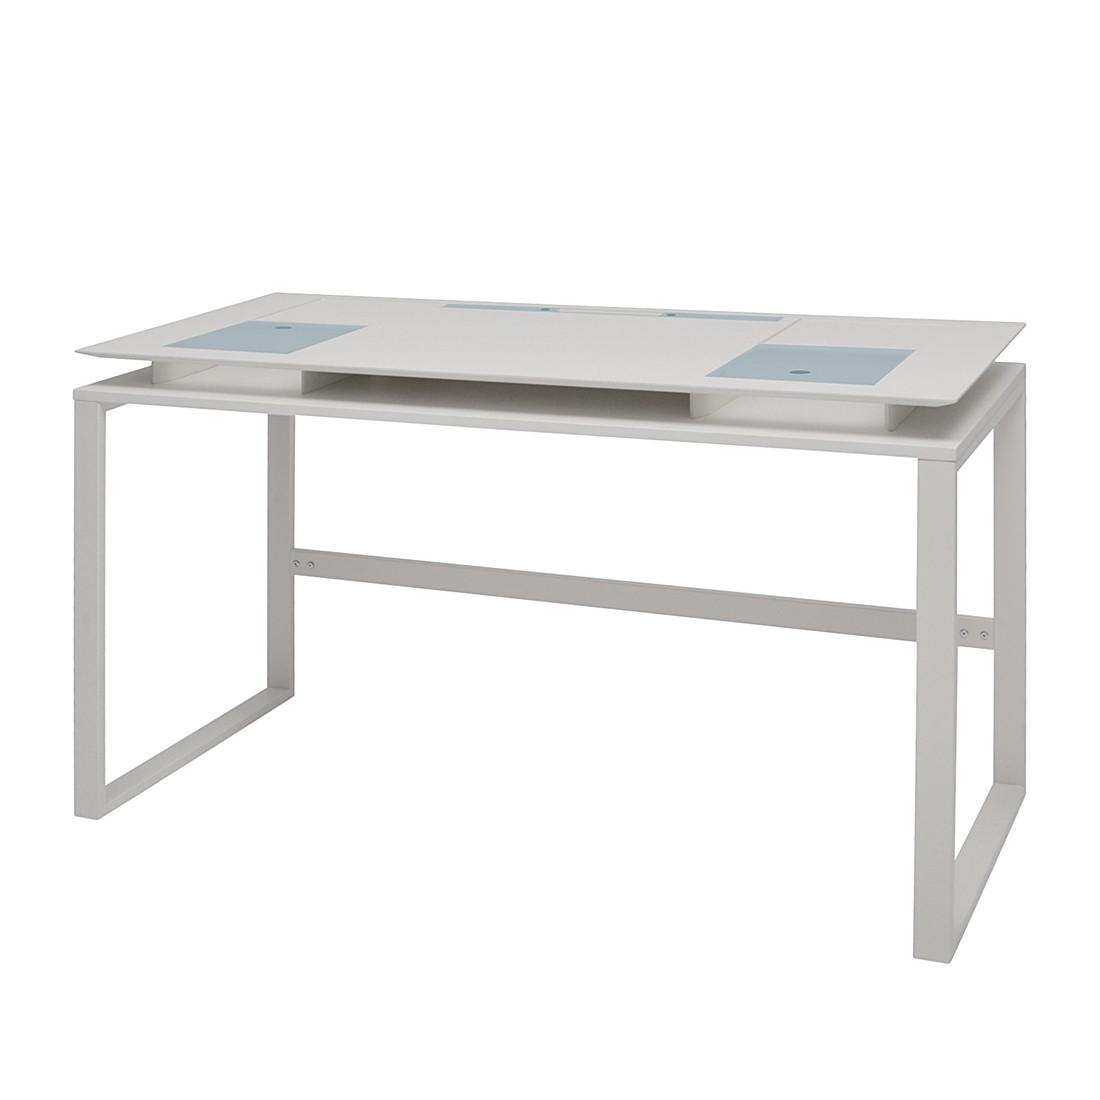 schreibtisch sublime von mooved aus metall nur 299 99 cherry m bel home24. Black Bedroom Furniture Sets. Home Design Ideas